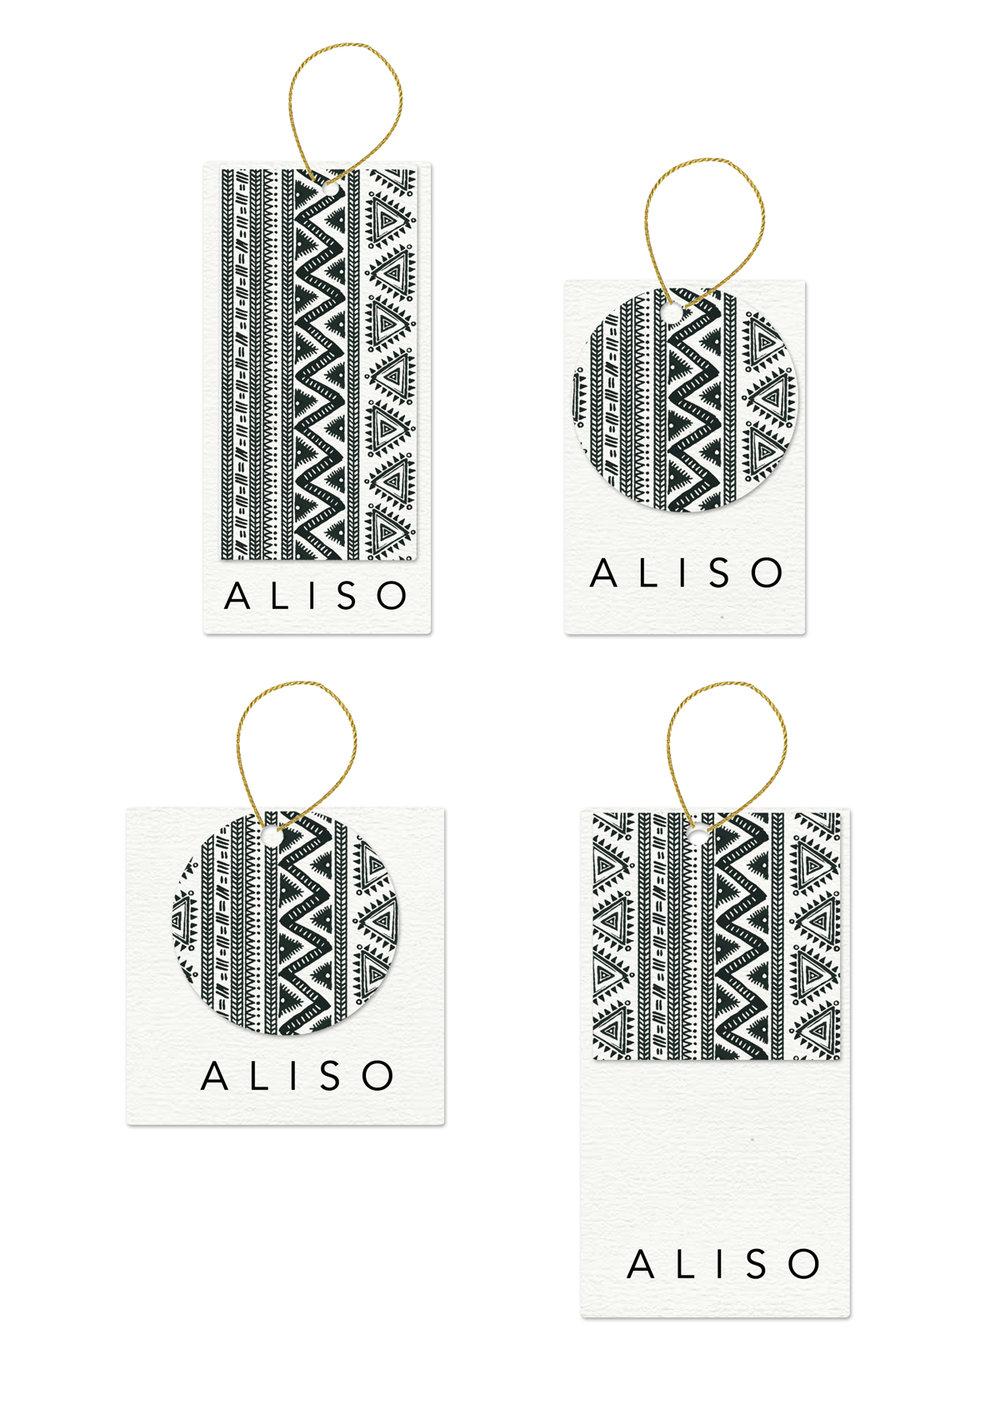 ALISO: fashion label design